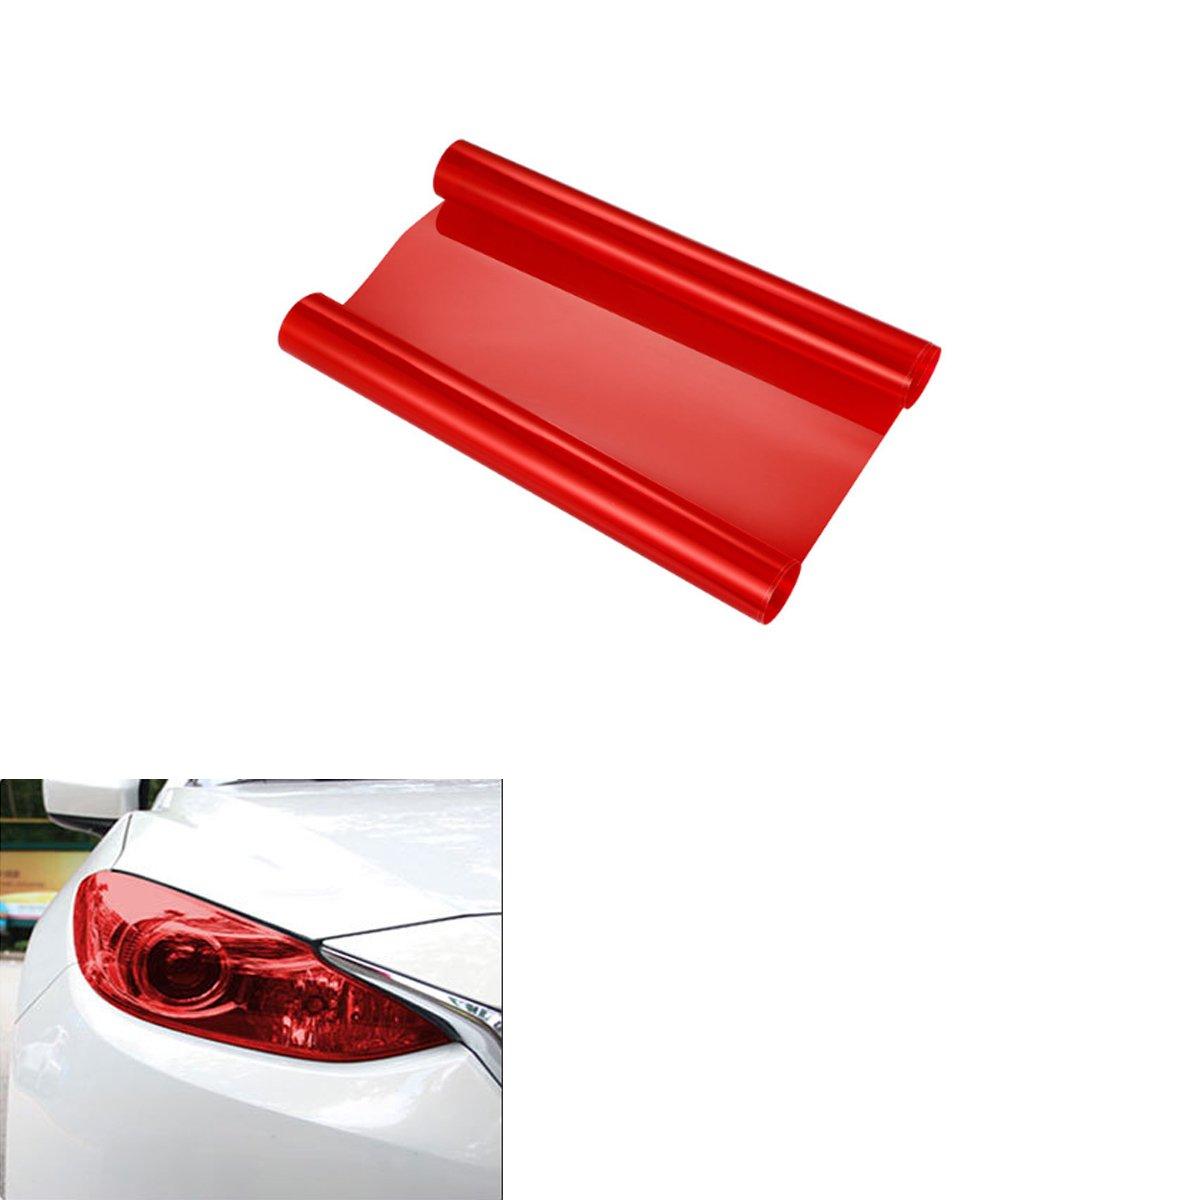 ABy 200cm x 30cm Scheinwerfer Folie Tö nungsfolie Aufkleber fü r Auto Scheinwerfer Rü ckleuchten Blinker Nebelscheinwerfer(Schwarz) AutoBoy